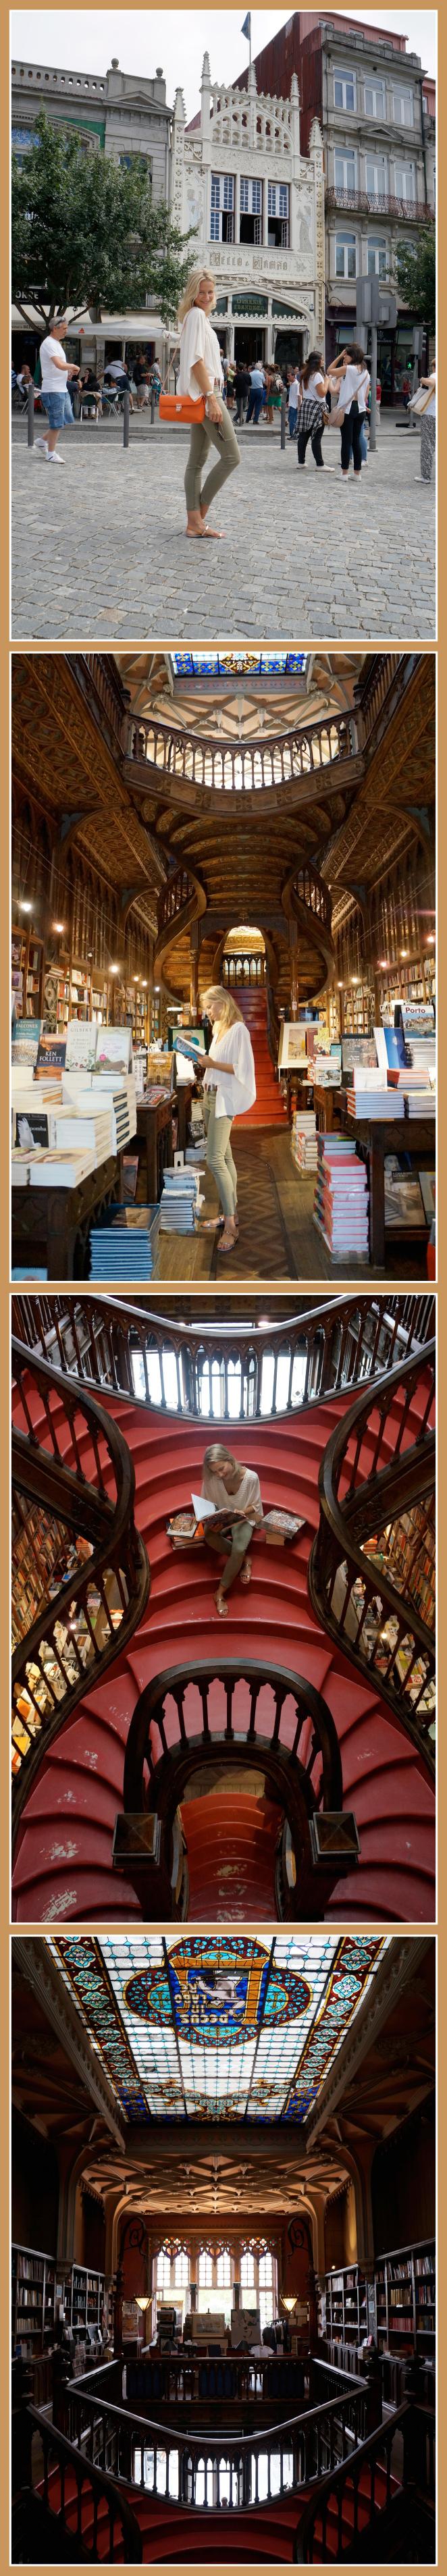 Librería Lello que está considerada como Patrimonio Mundial de la UNESCO